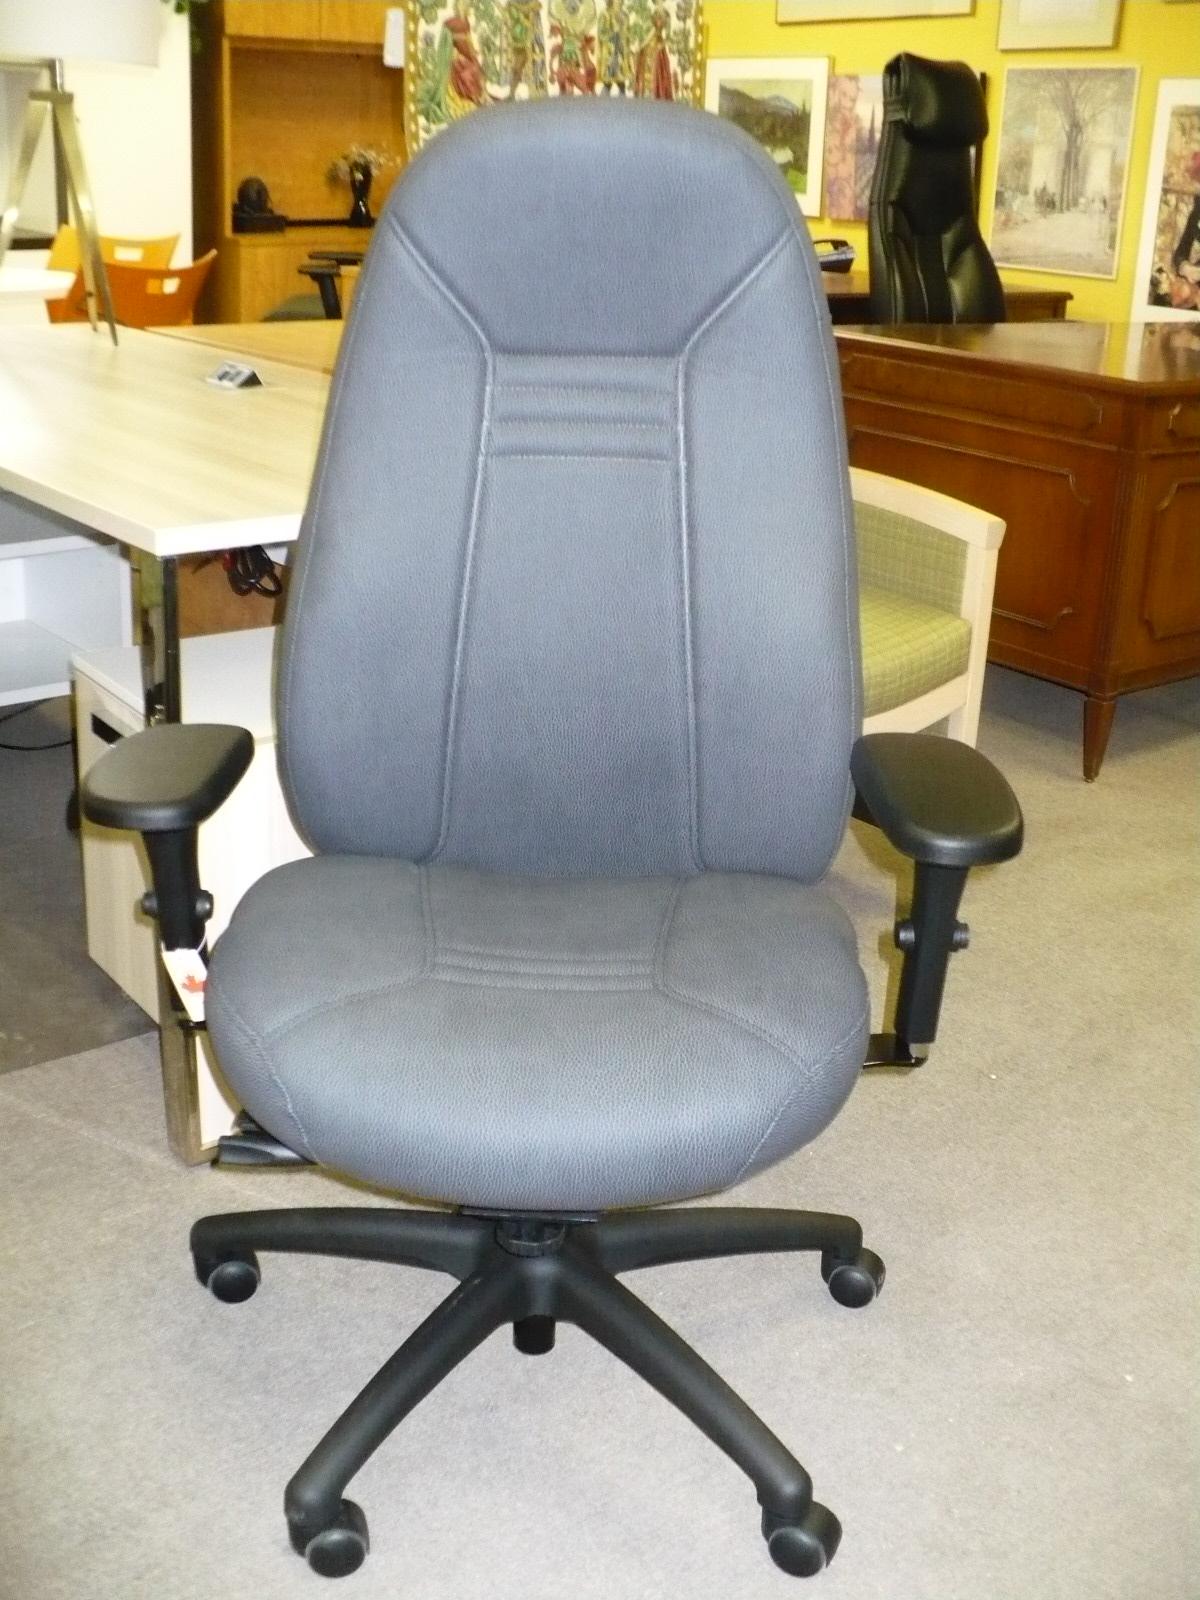 Chaise obus forme confort global - Chaise de bureau confort ...